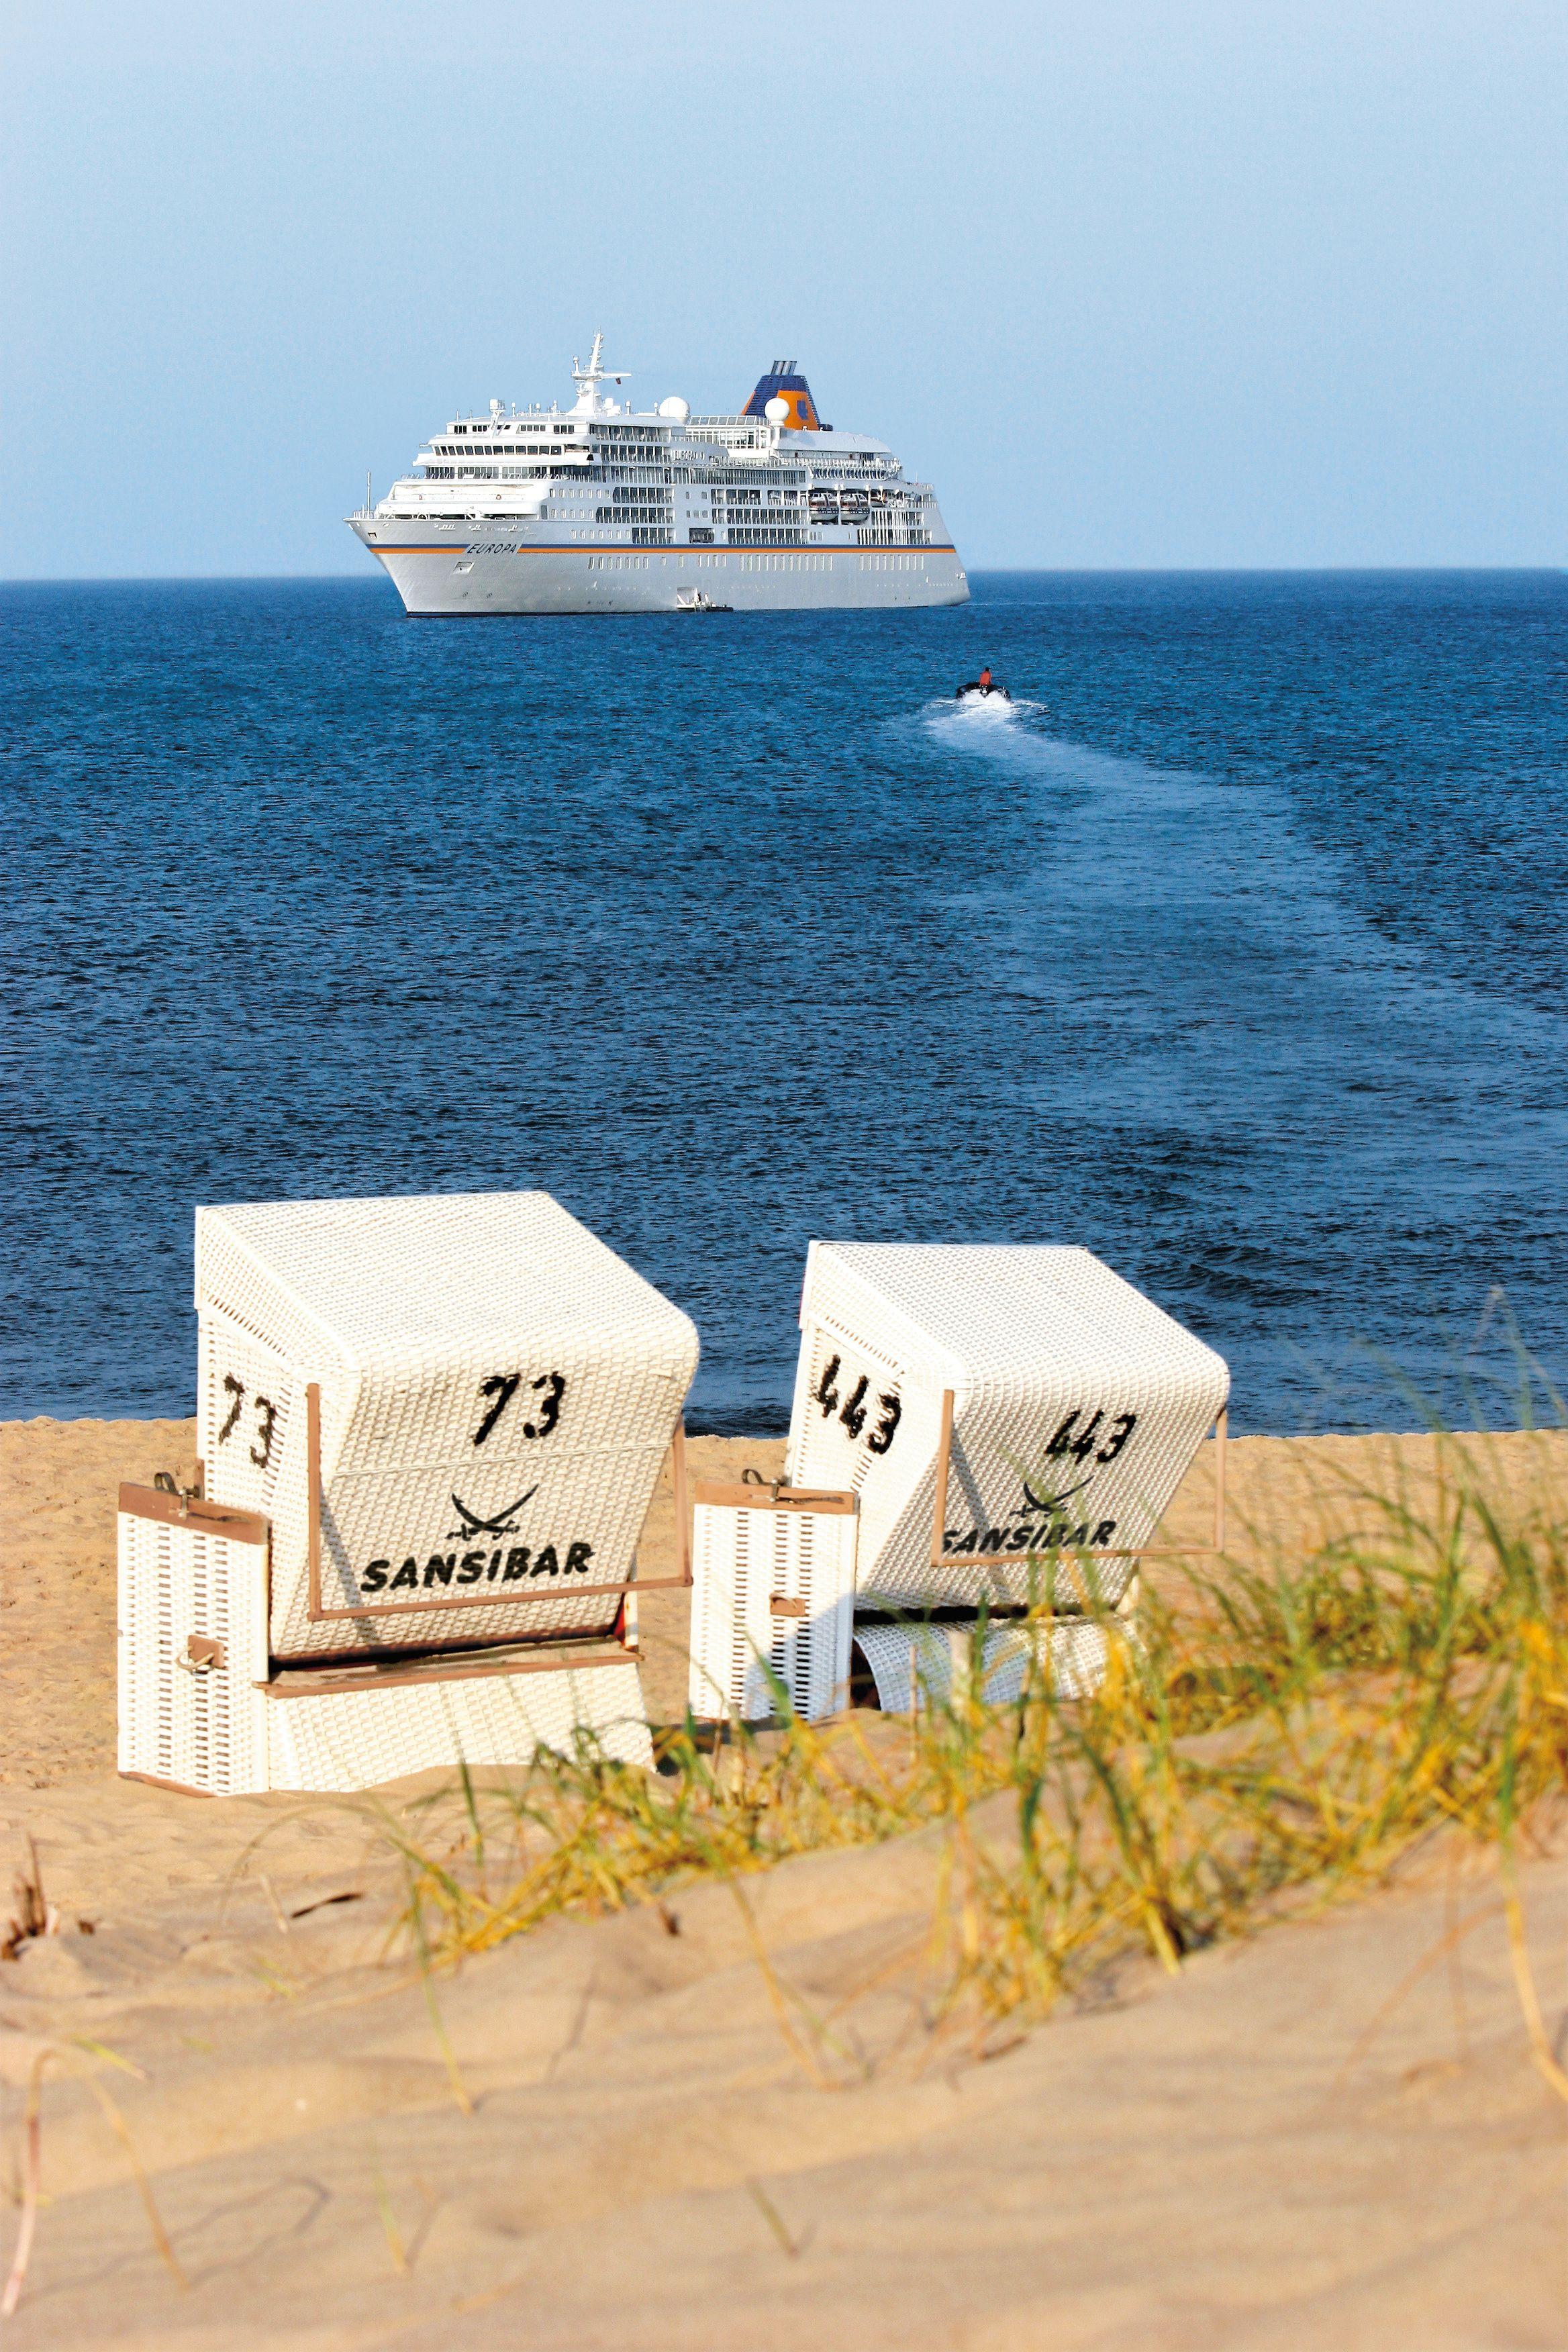 """Wenn das mit 5-Sterne-Plus ausgezeichnete Luxuskreuzfahrtschiff MS EUROPA am 12. Juli 2019 vor der Küste Sylts auf Reede liegt, wird das Finale von """"MS EUROPA meets Sansibar"""" gefeiert."""